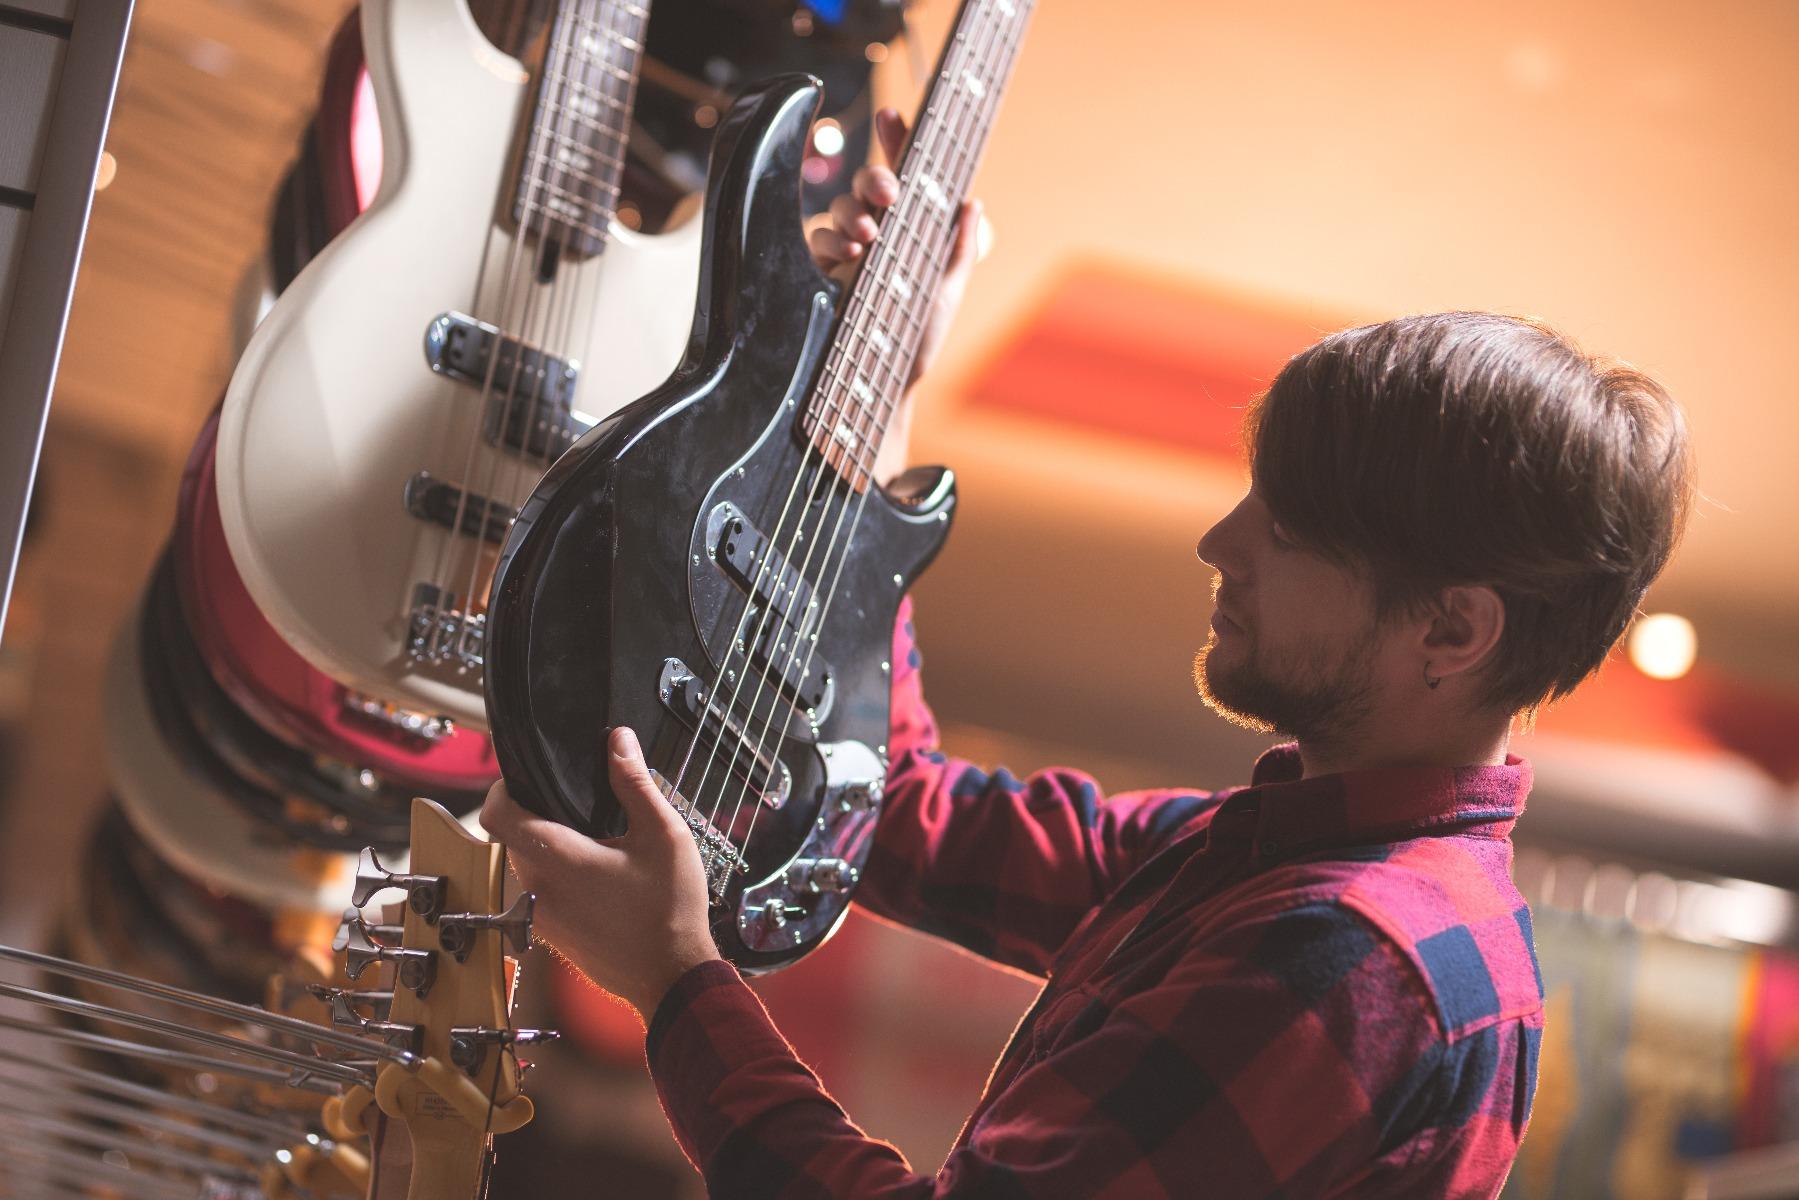 Mann sieht Bassgitarre verliebt an